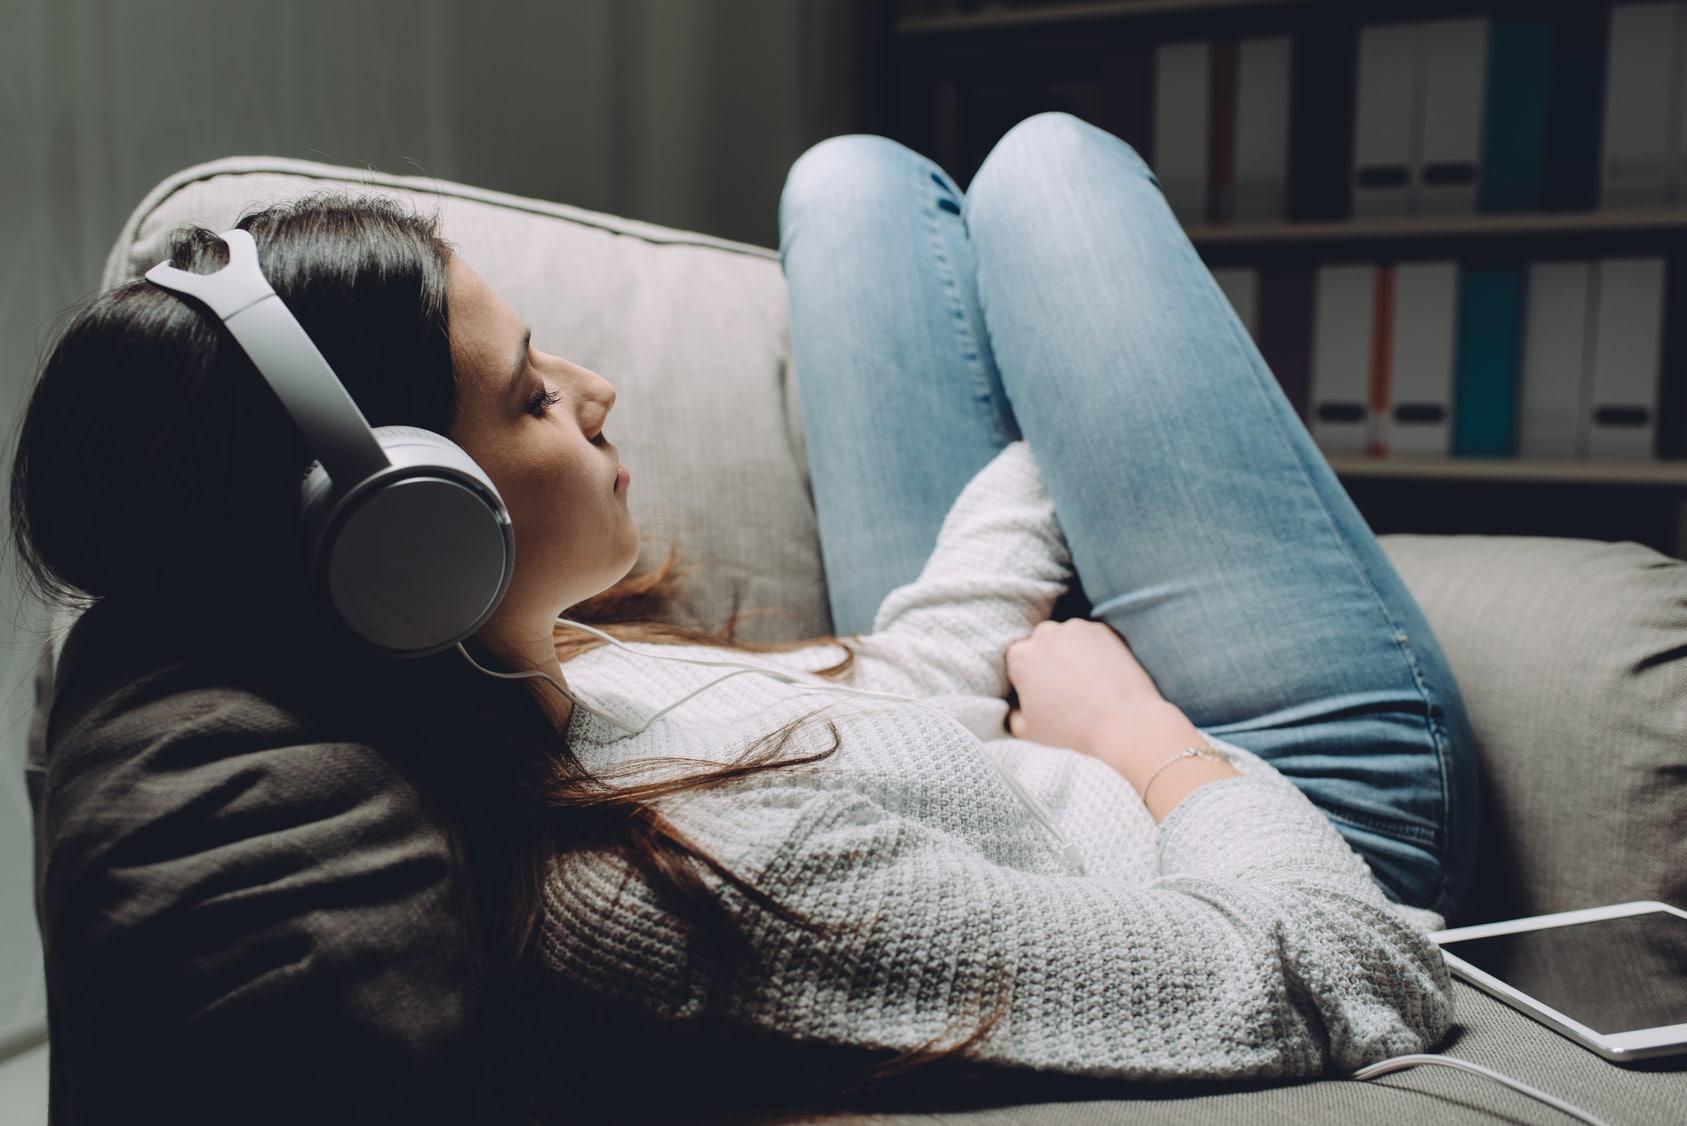 Eine junge Frau liegt entspannt im Sofa und hört eine Hypnose CD zum Selbstbewusstsein stärken von den unibee Instituten. Sie hat lange schwarze Haare und große silberne Kopfhörer auf. Bekleidet ist sie mit einem grauen Pullover und einer hellblauen klassischen Jeanshode. Im Hintergrund ist ein Bücherregal zu sehen, worin sich viele weisse Aktenordner befinden.